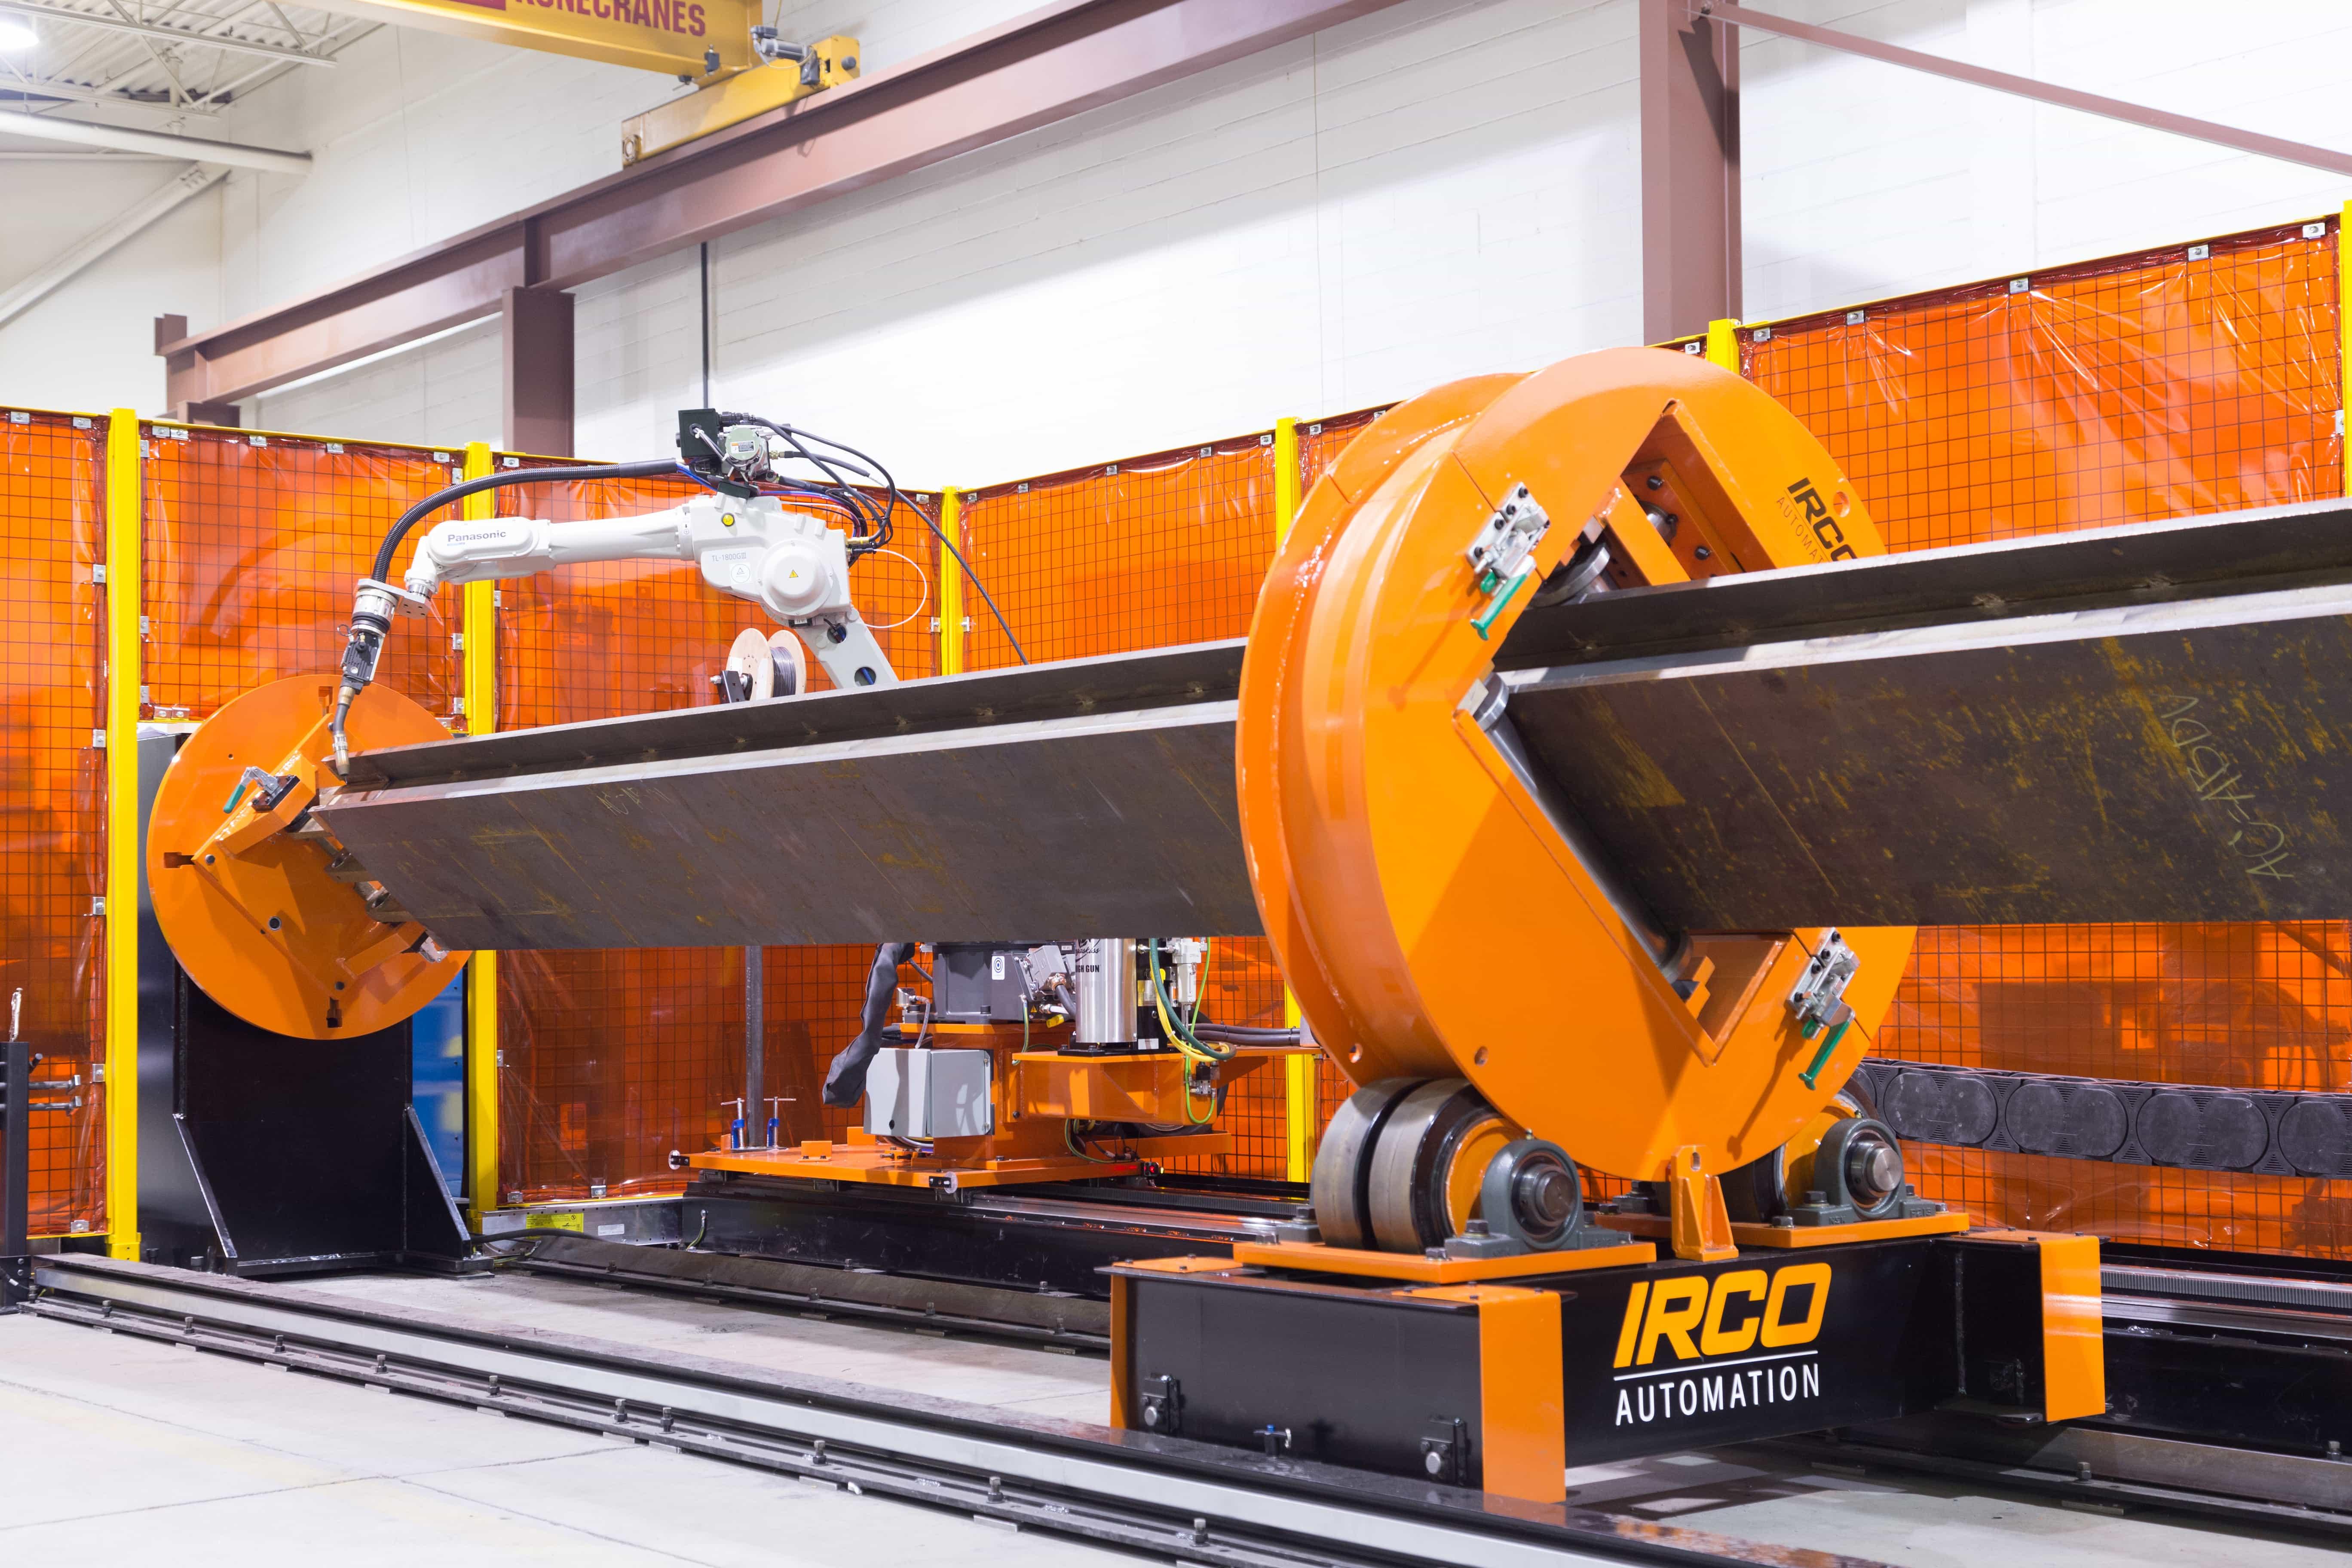 Coordinated motion, robotic welding